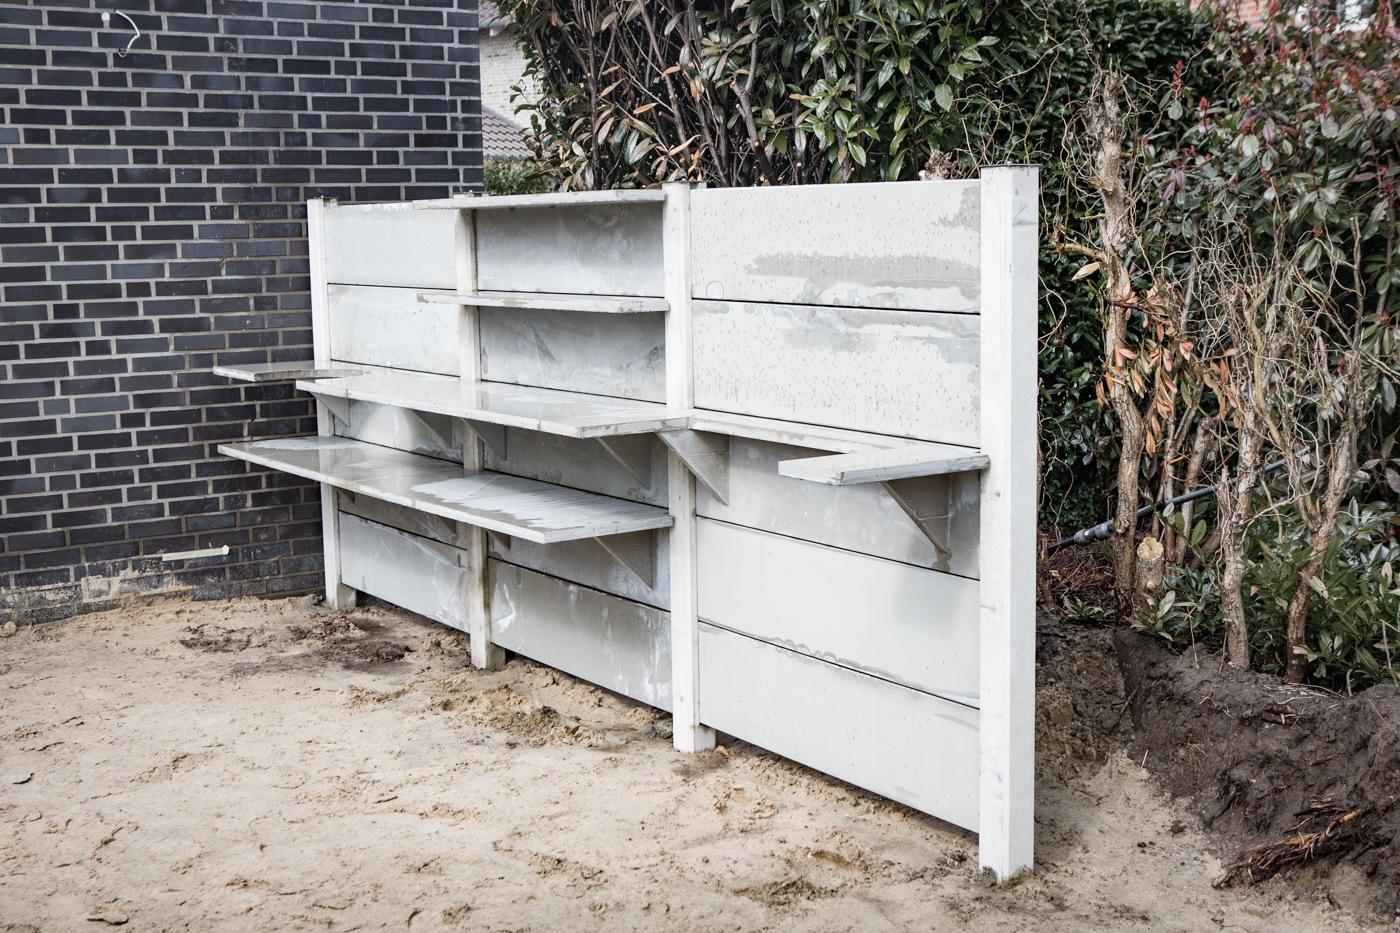 Outdoor Küche Wwoo : Aufbau und vorstellung der wwoo betonküche grill bbq